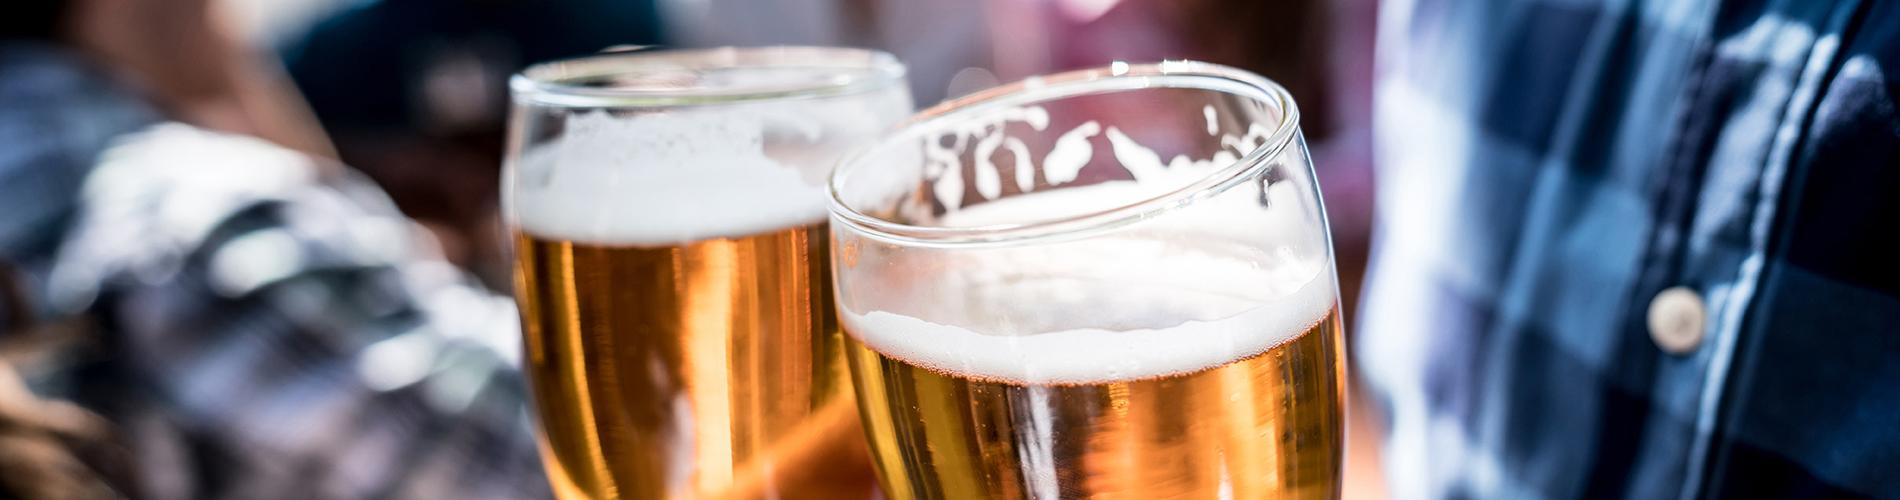 Craft Beer Festival menus